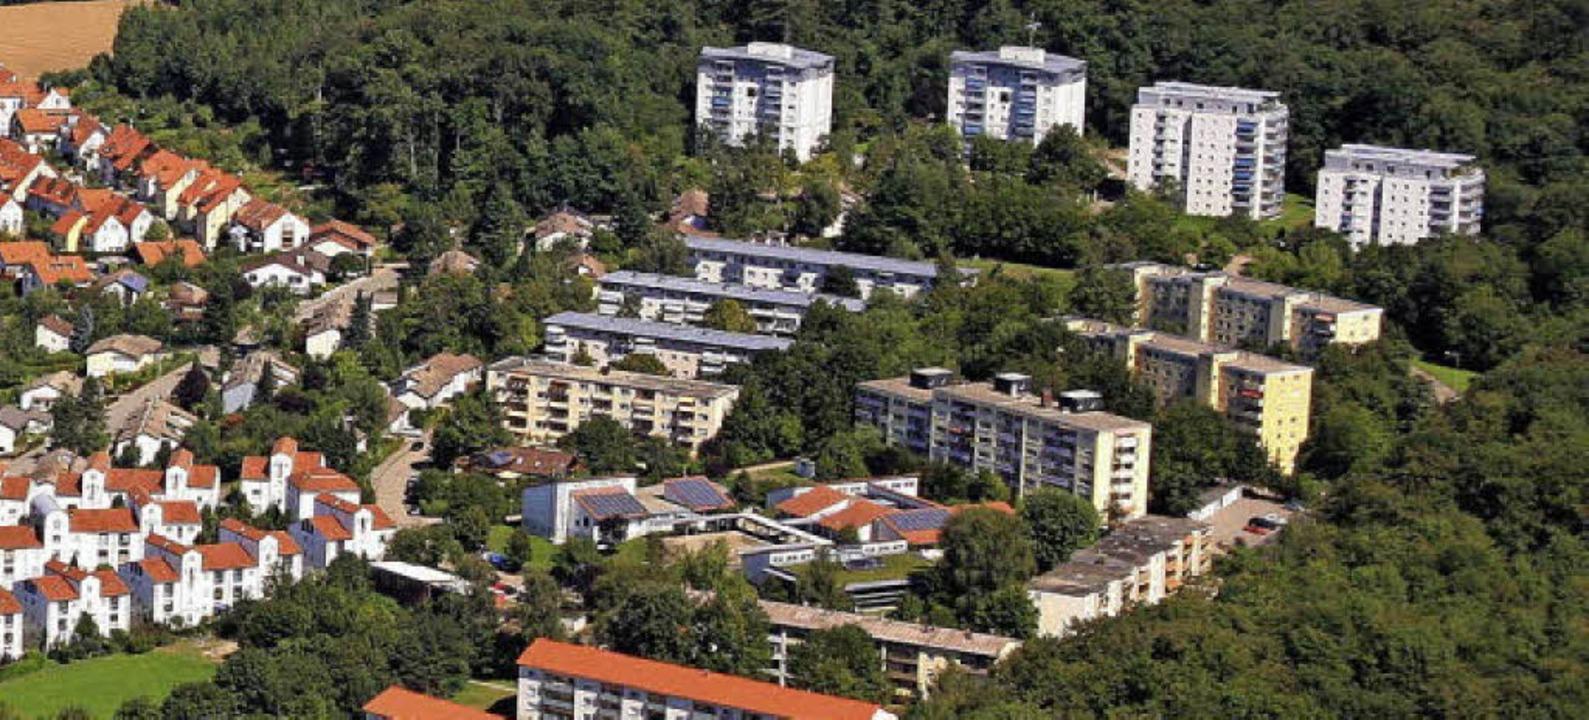 Am Waldrand südlich der Salzertstraße ...chhäuser mit Mietwohnungen entstehen.     Foto: Erich Meyer